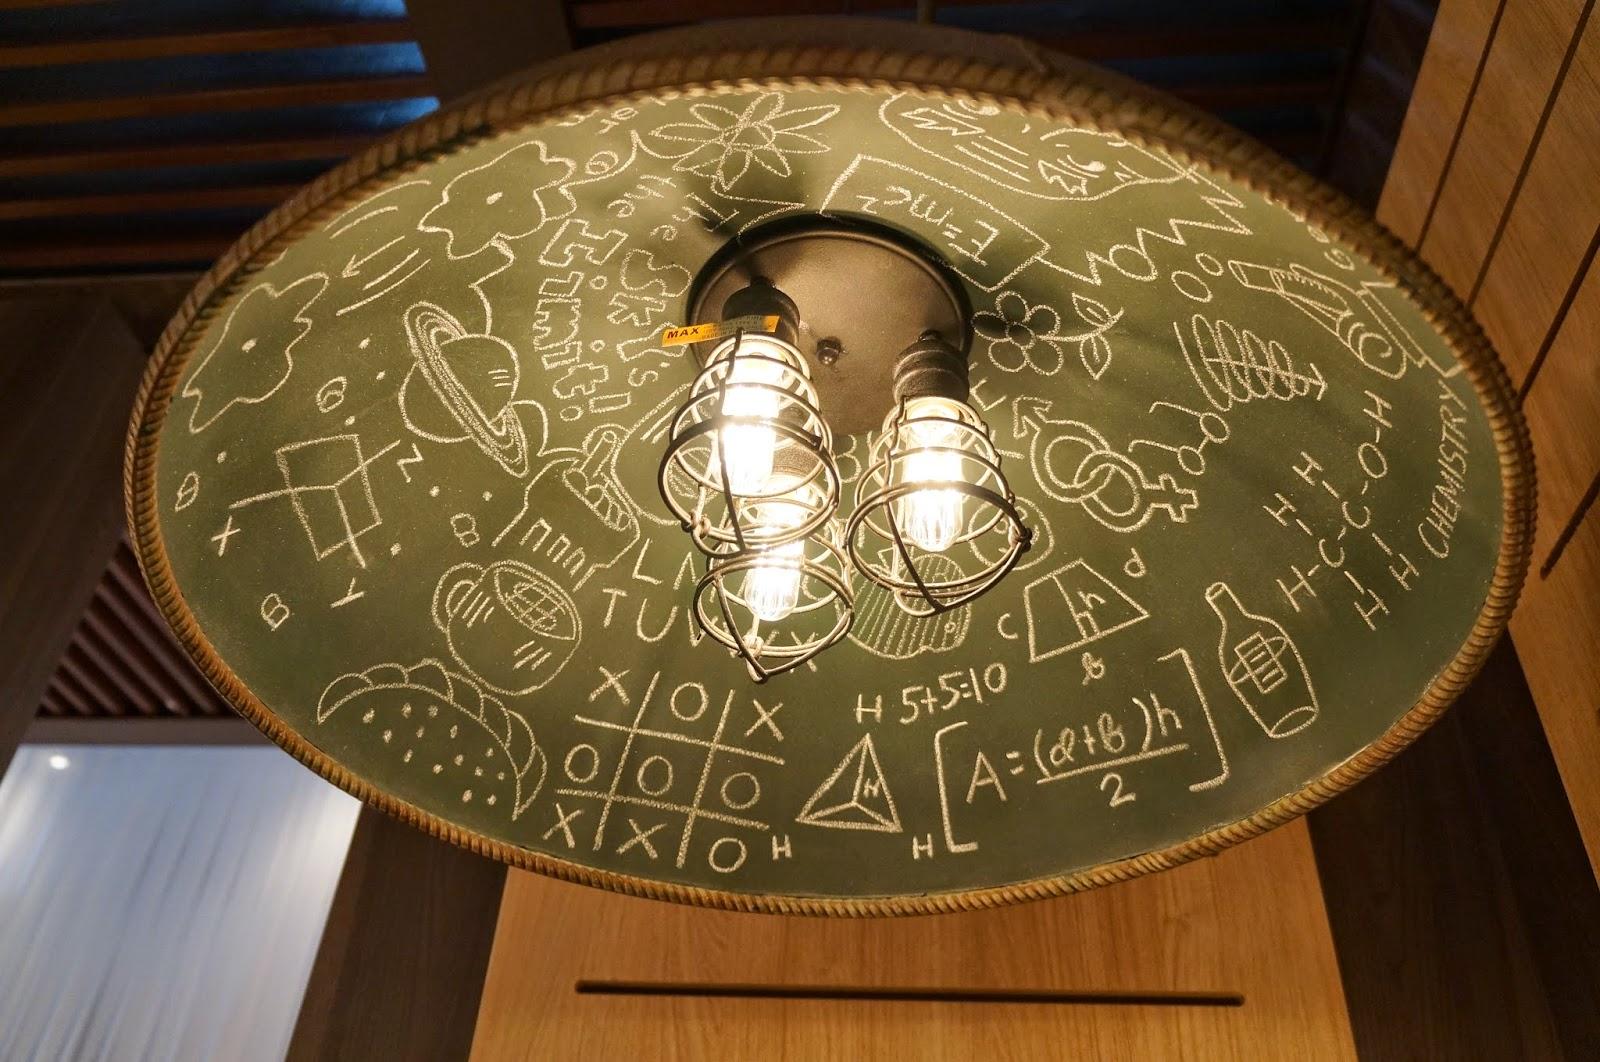 pendente Relativity de ferro forjado à mão - Troy Lighting - Expolux 2014